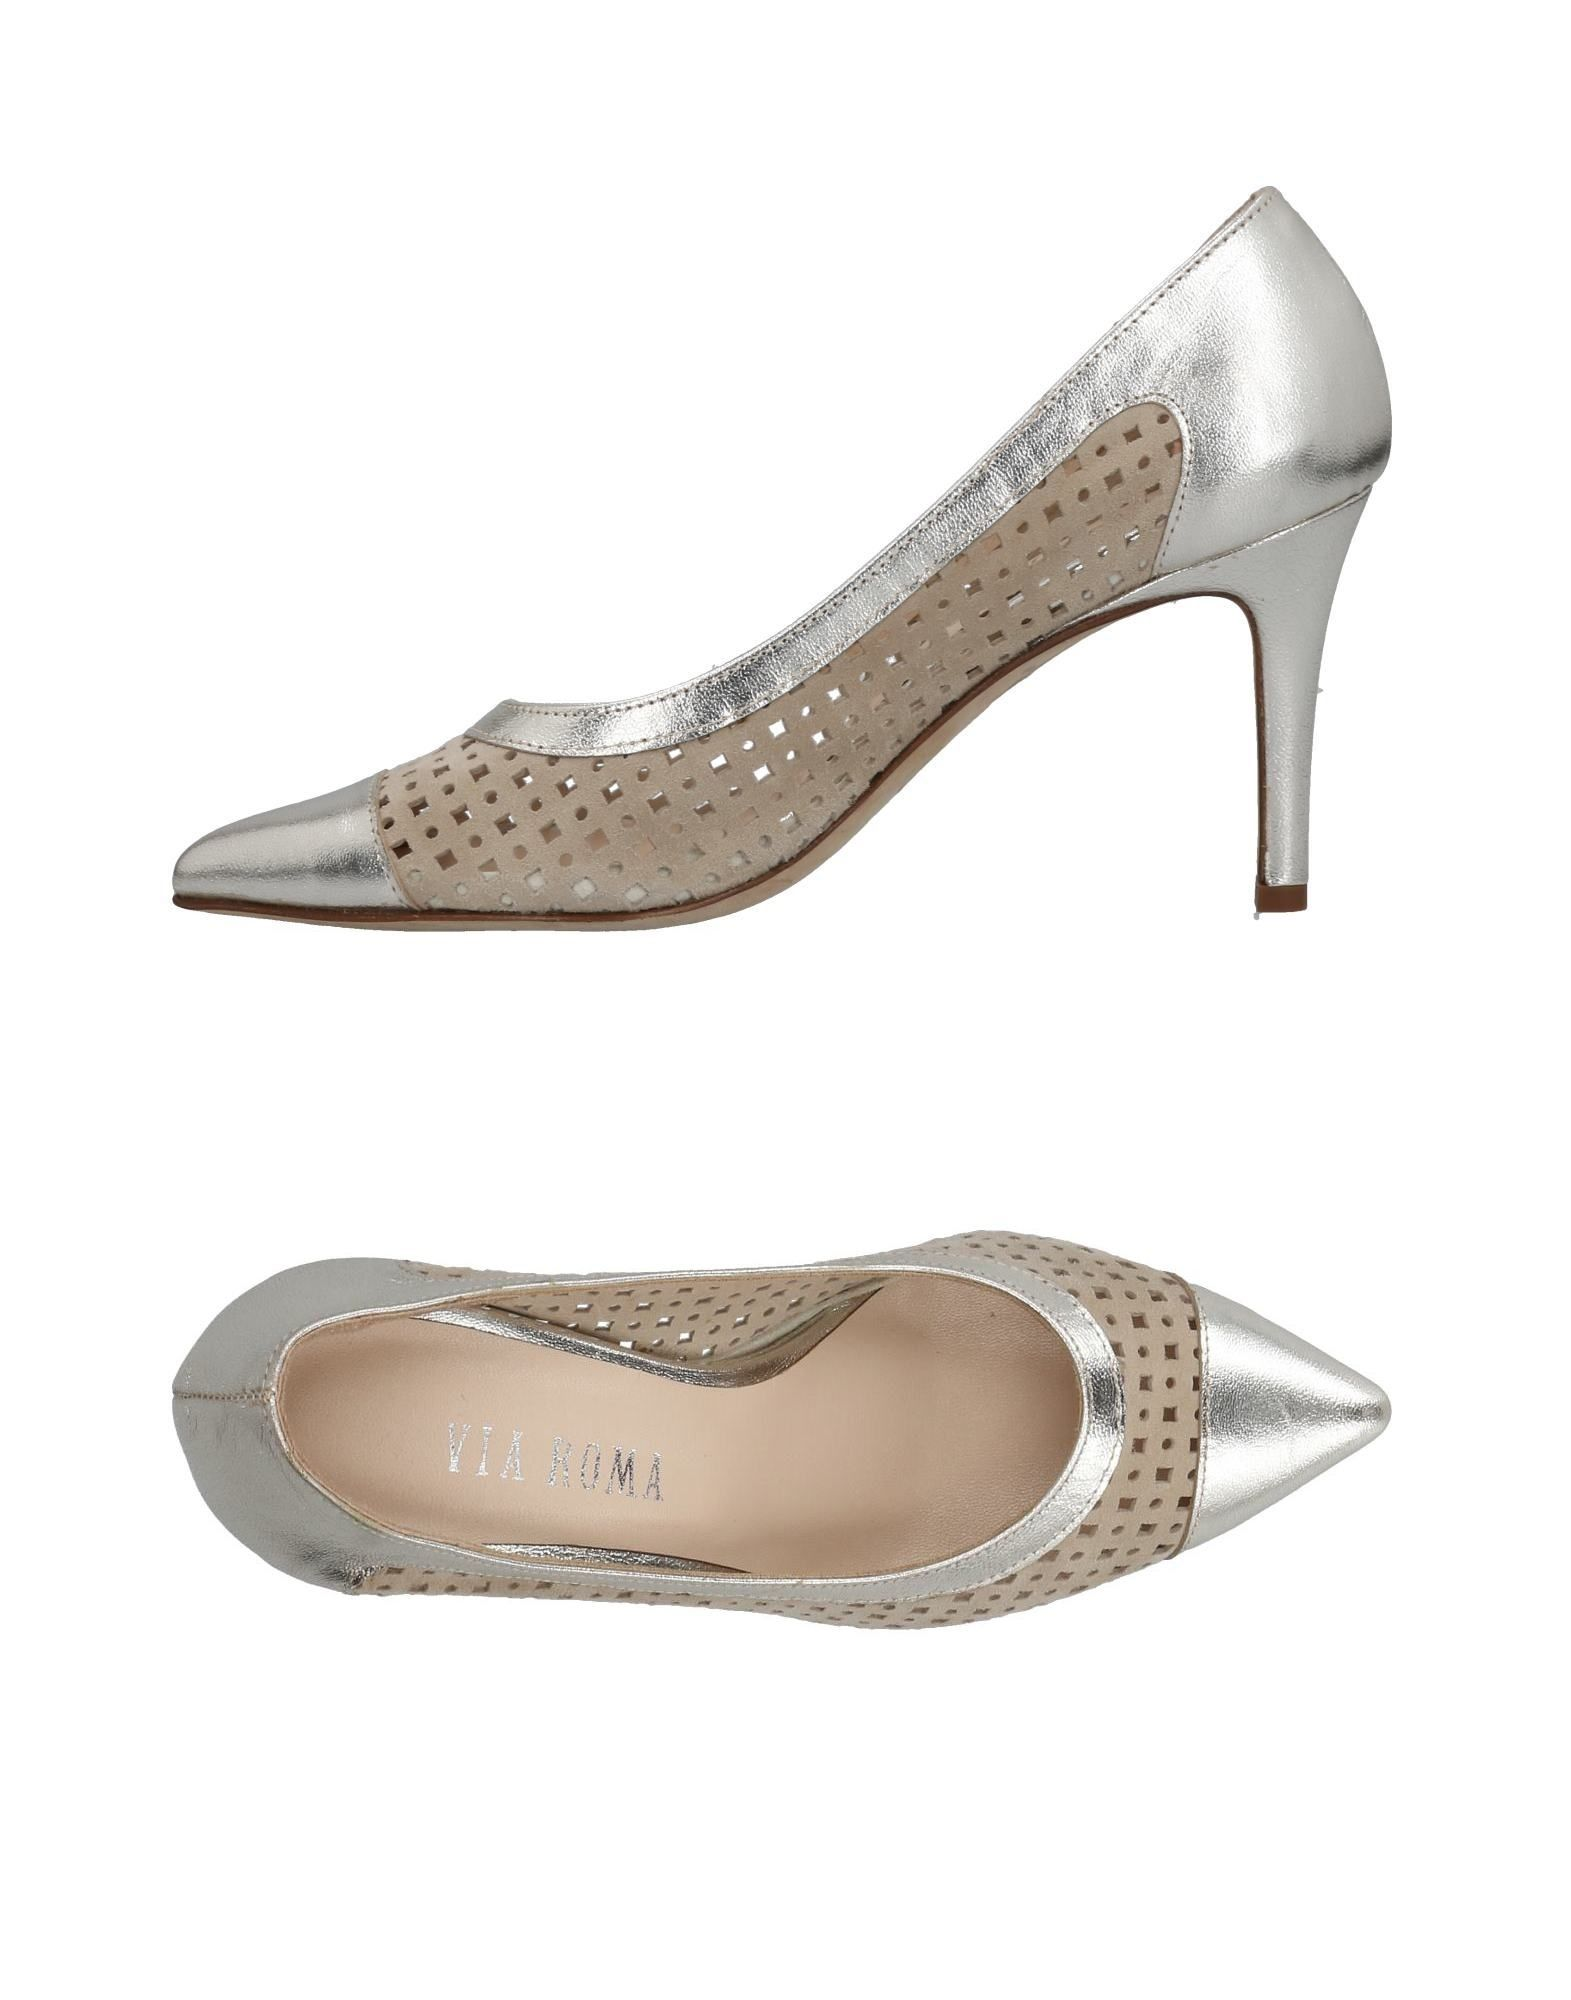 Cristina Millotti Gute Pumps Damen  11458107IG Gute Millotti Qualität beliebte Schuhe e90123